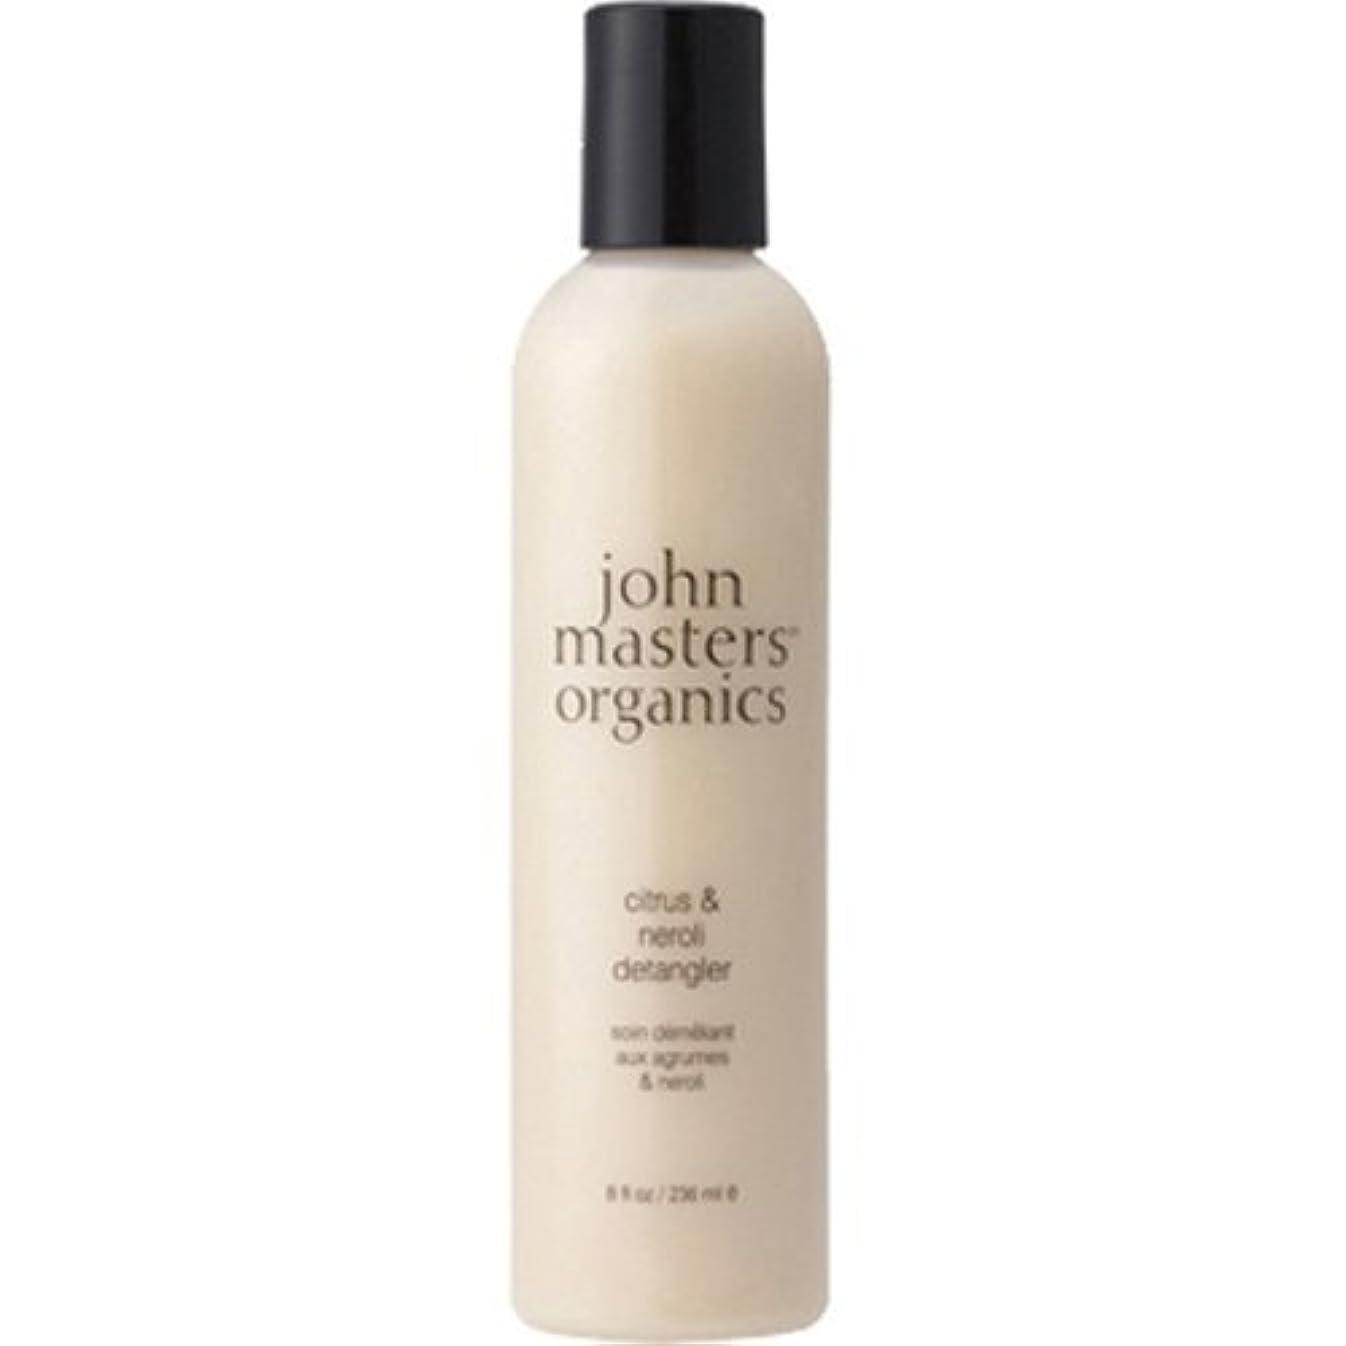 必需品オフセット団結John Masters Organics(ジョンマスターオーガニック) C&Nデタングラー(シトラス&ネロリ) 236ml(並行輸入品)